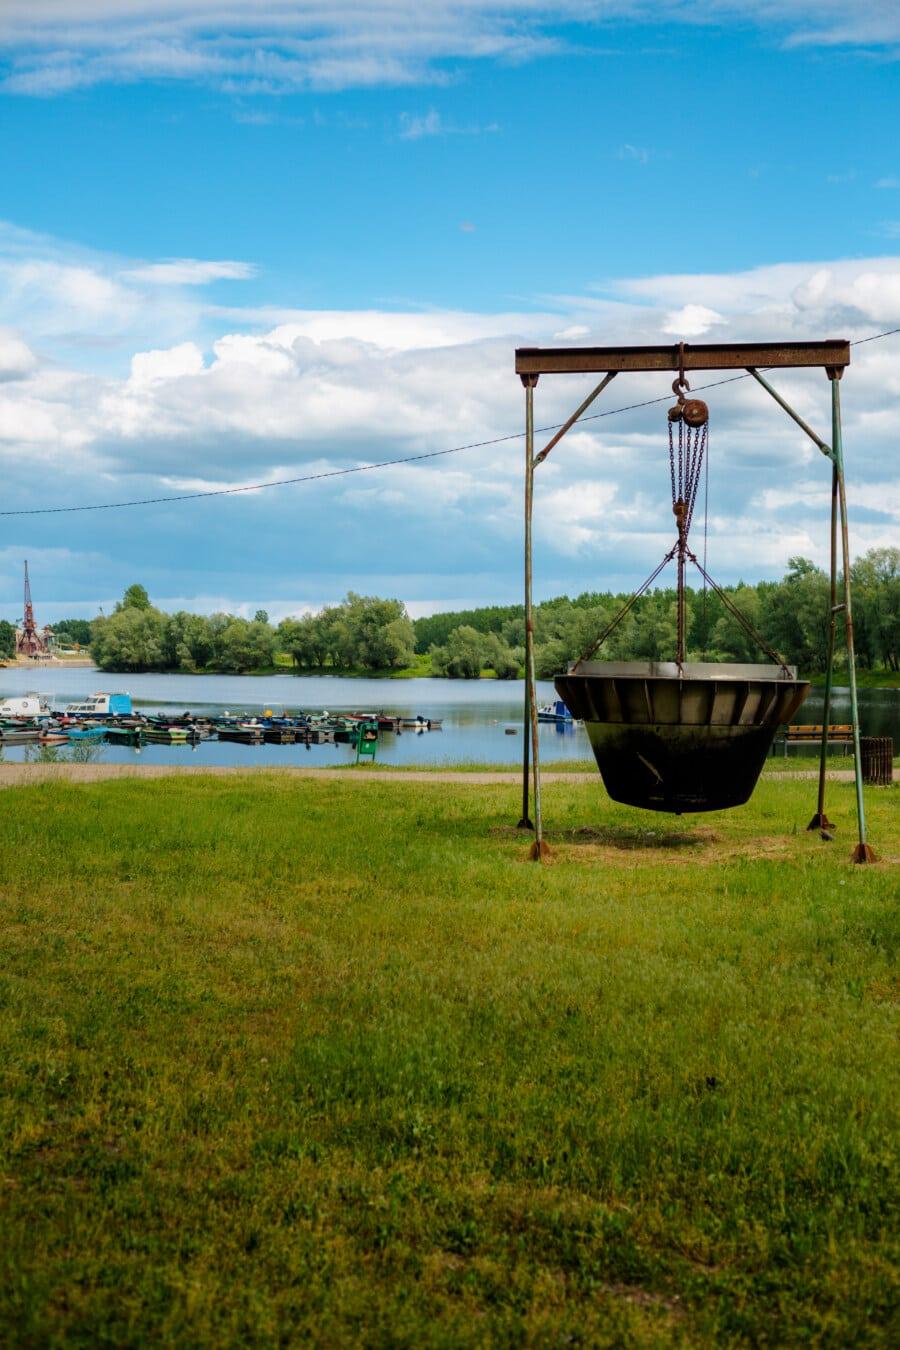 industrielle, Objekt, am See, im freien, Mechanismus, Wasser, Sommer, Gras, Natur, im freien